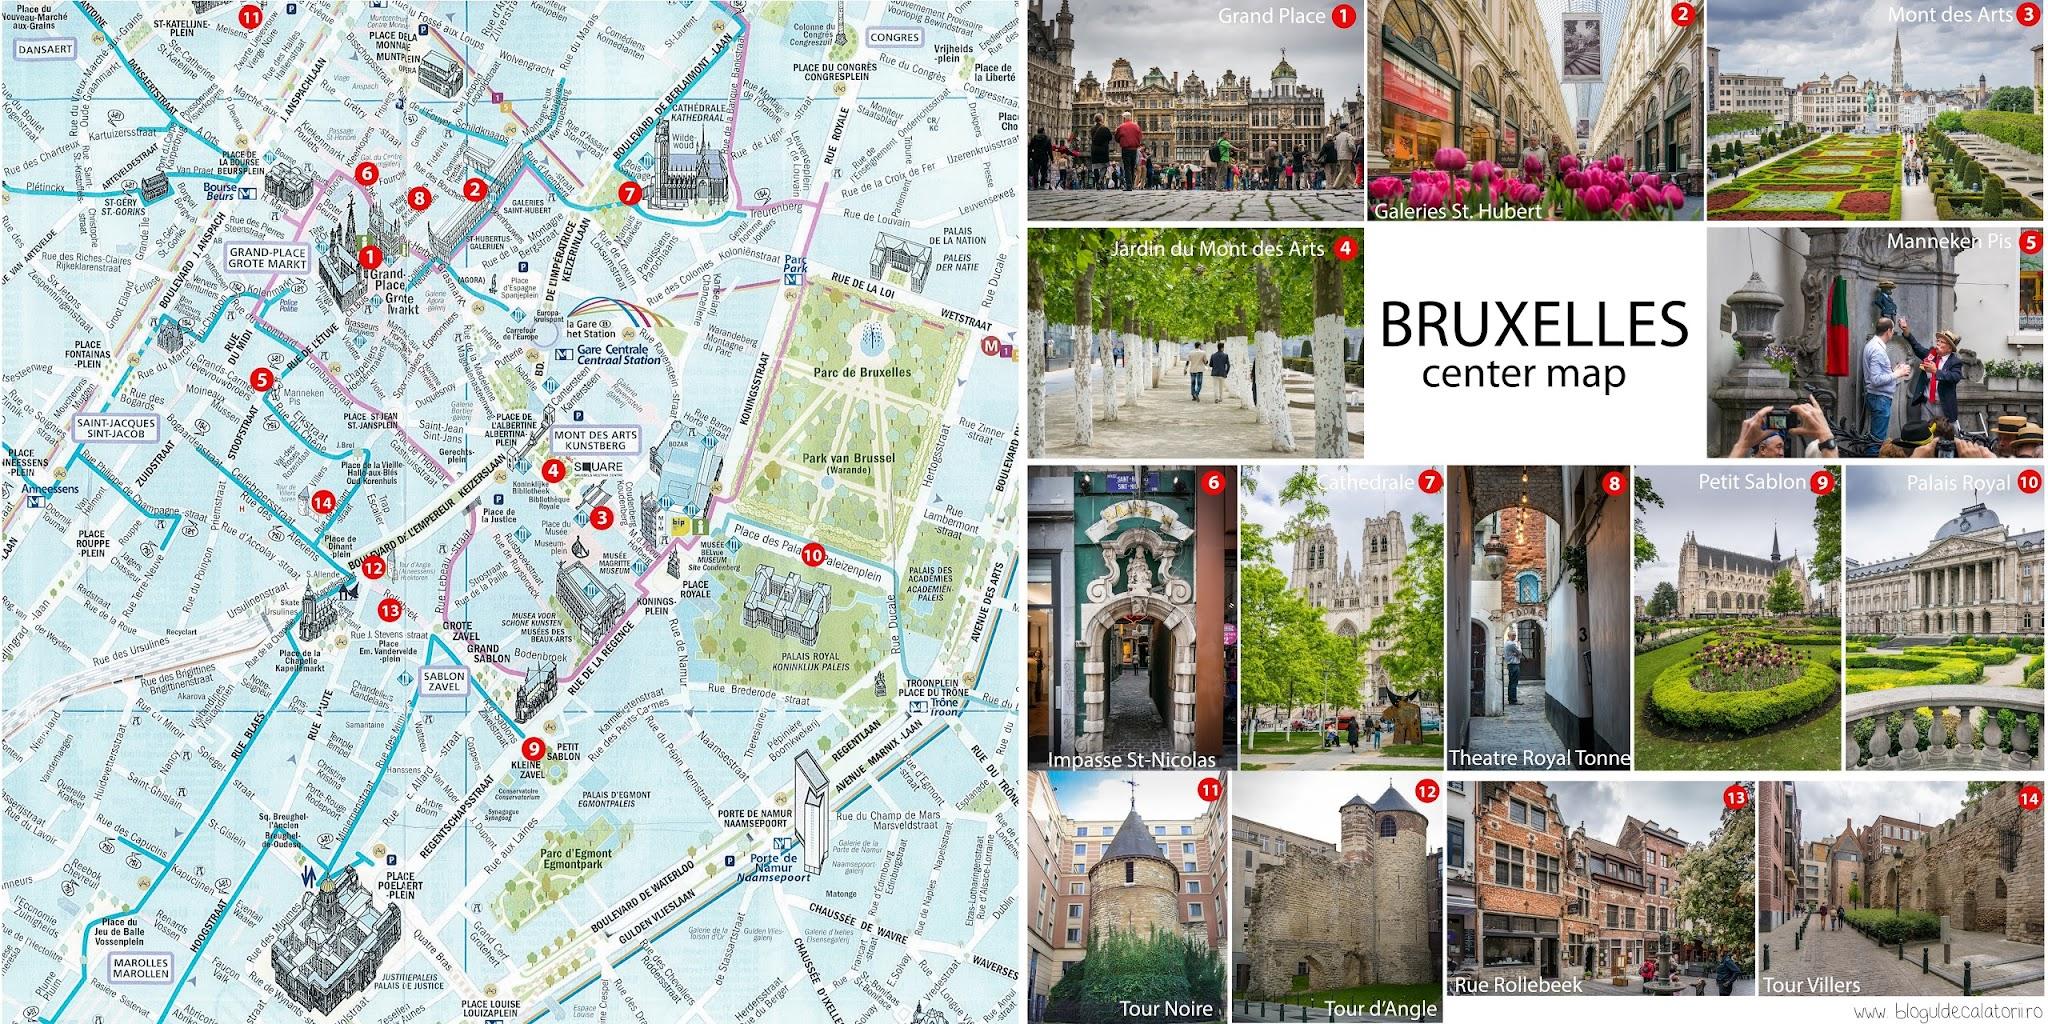 Belgia Bruxelles Apr 2014 1 6 Alexandra Bloguldecalatorii Ro